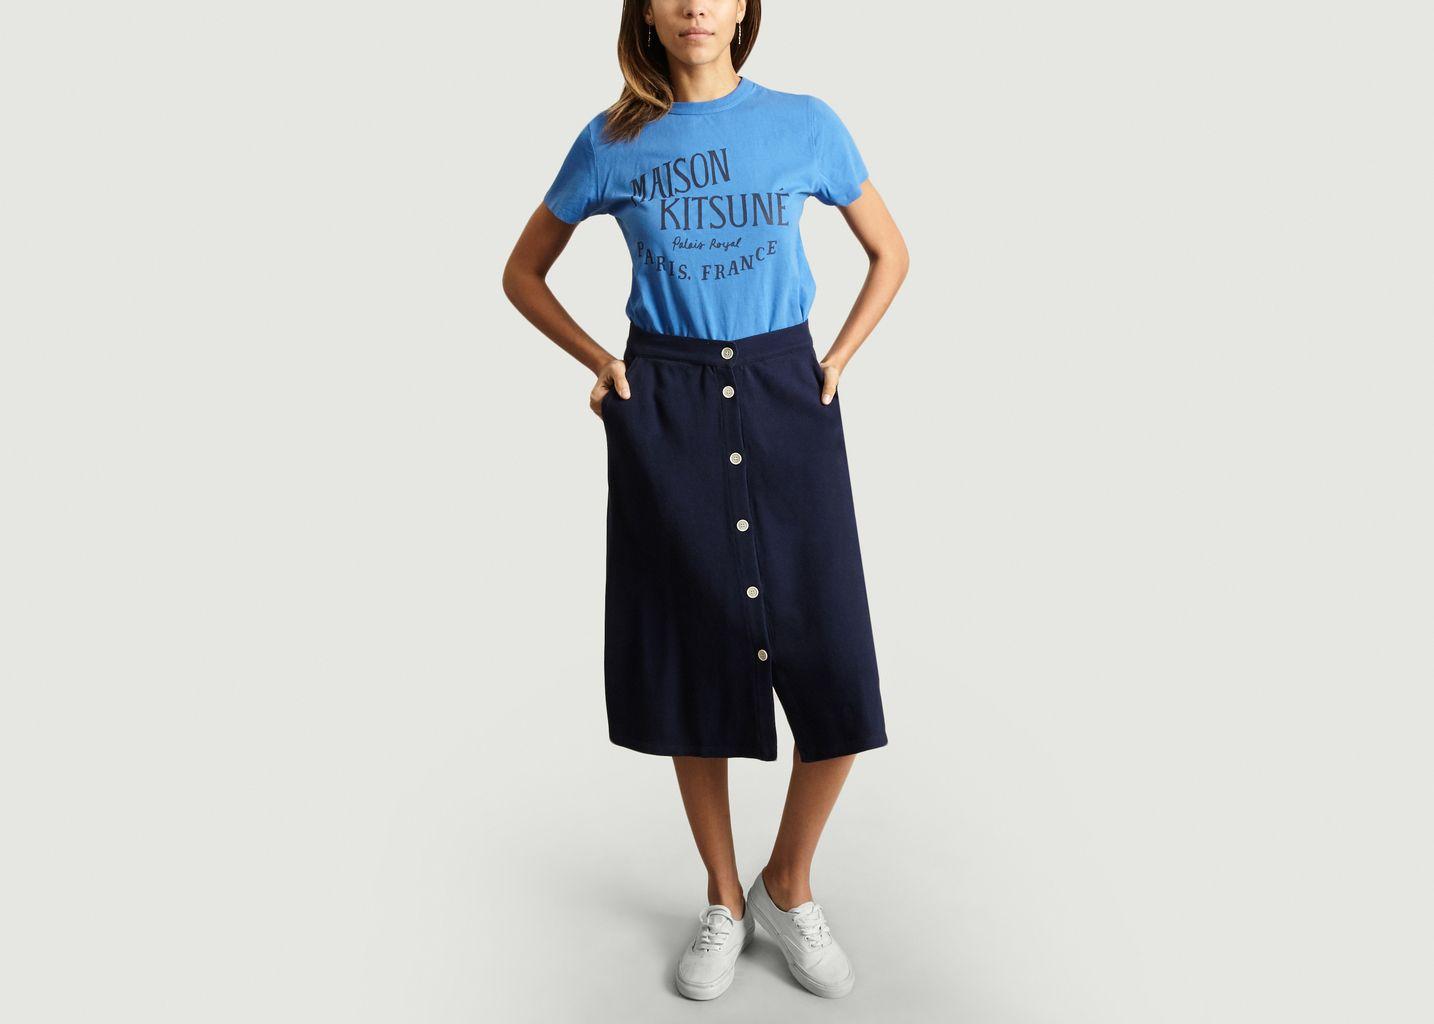 T-Shirt Palais Royal - Maison Kitsuné